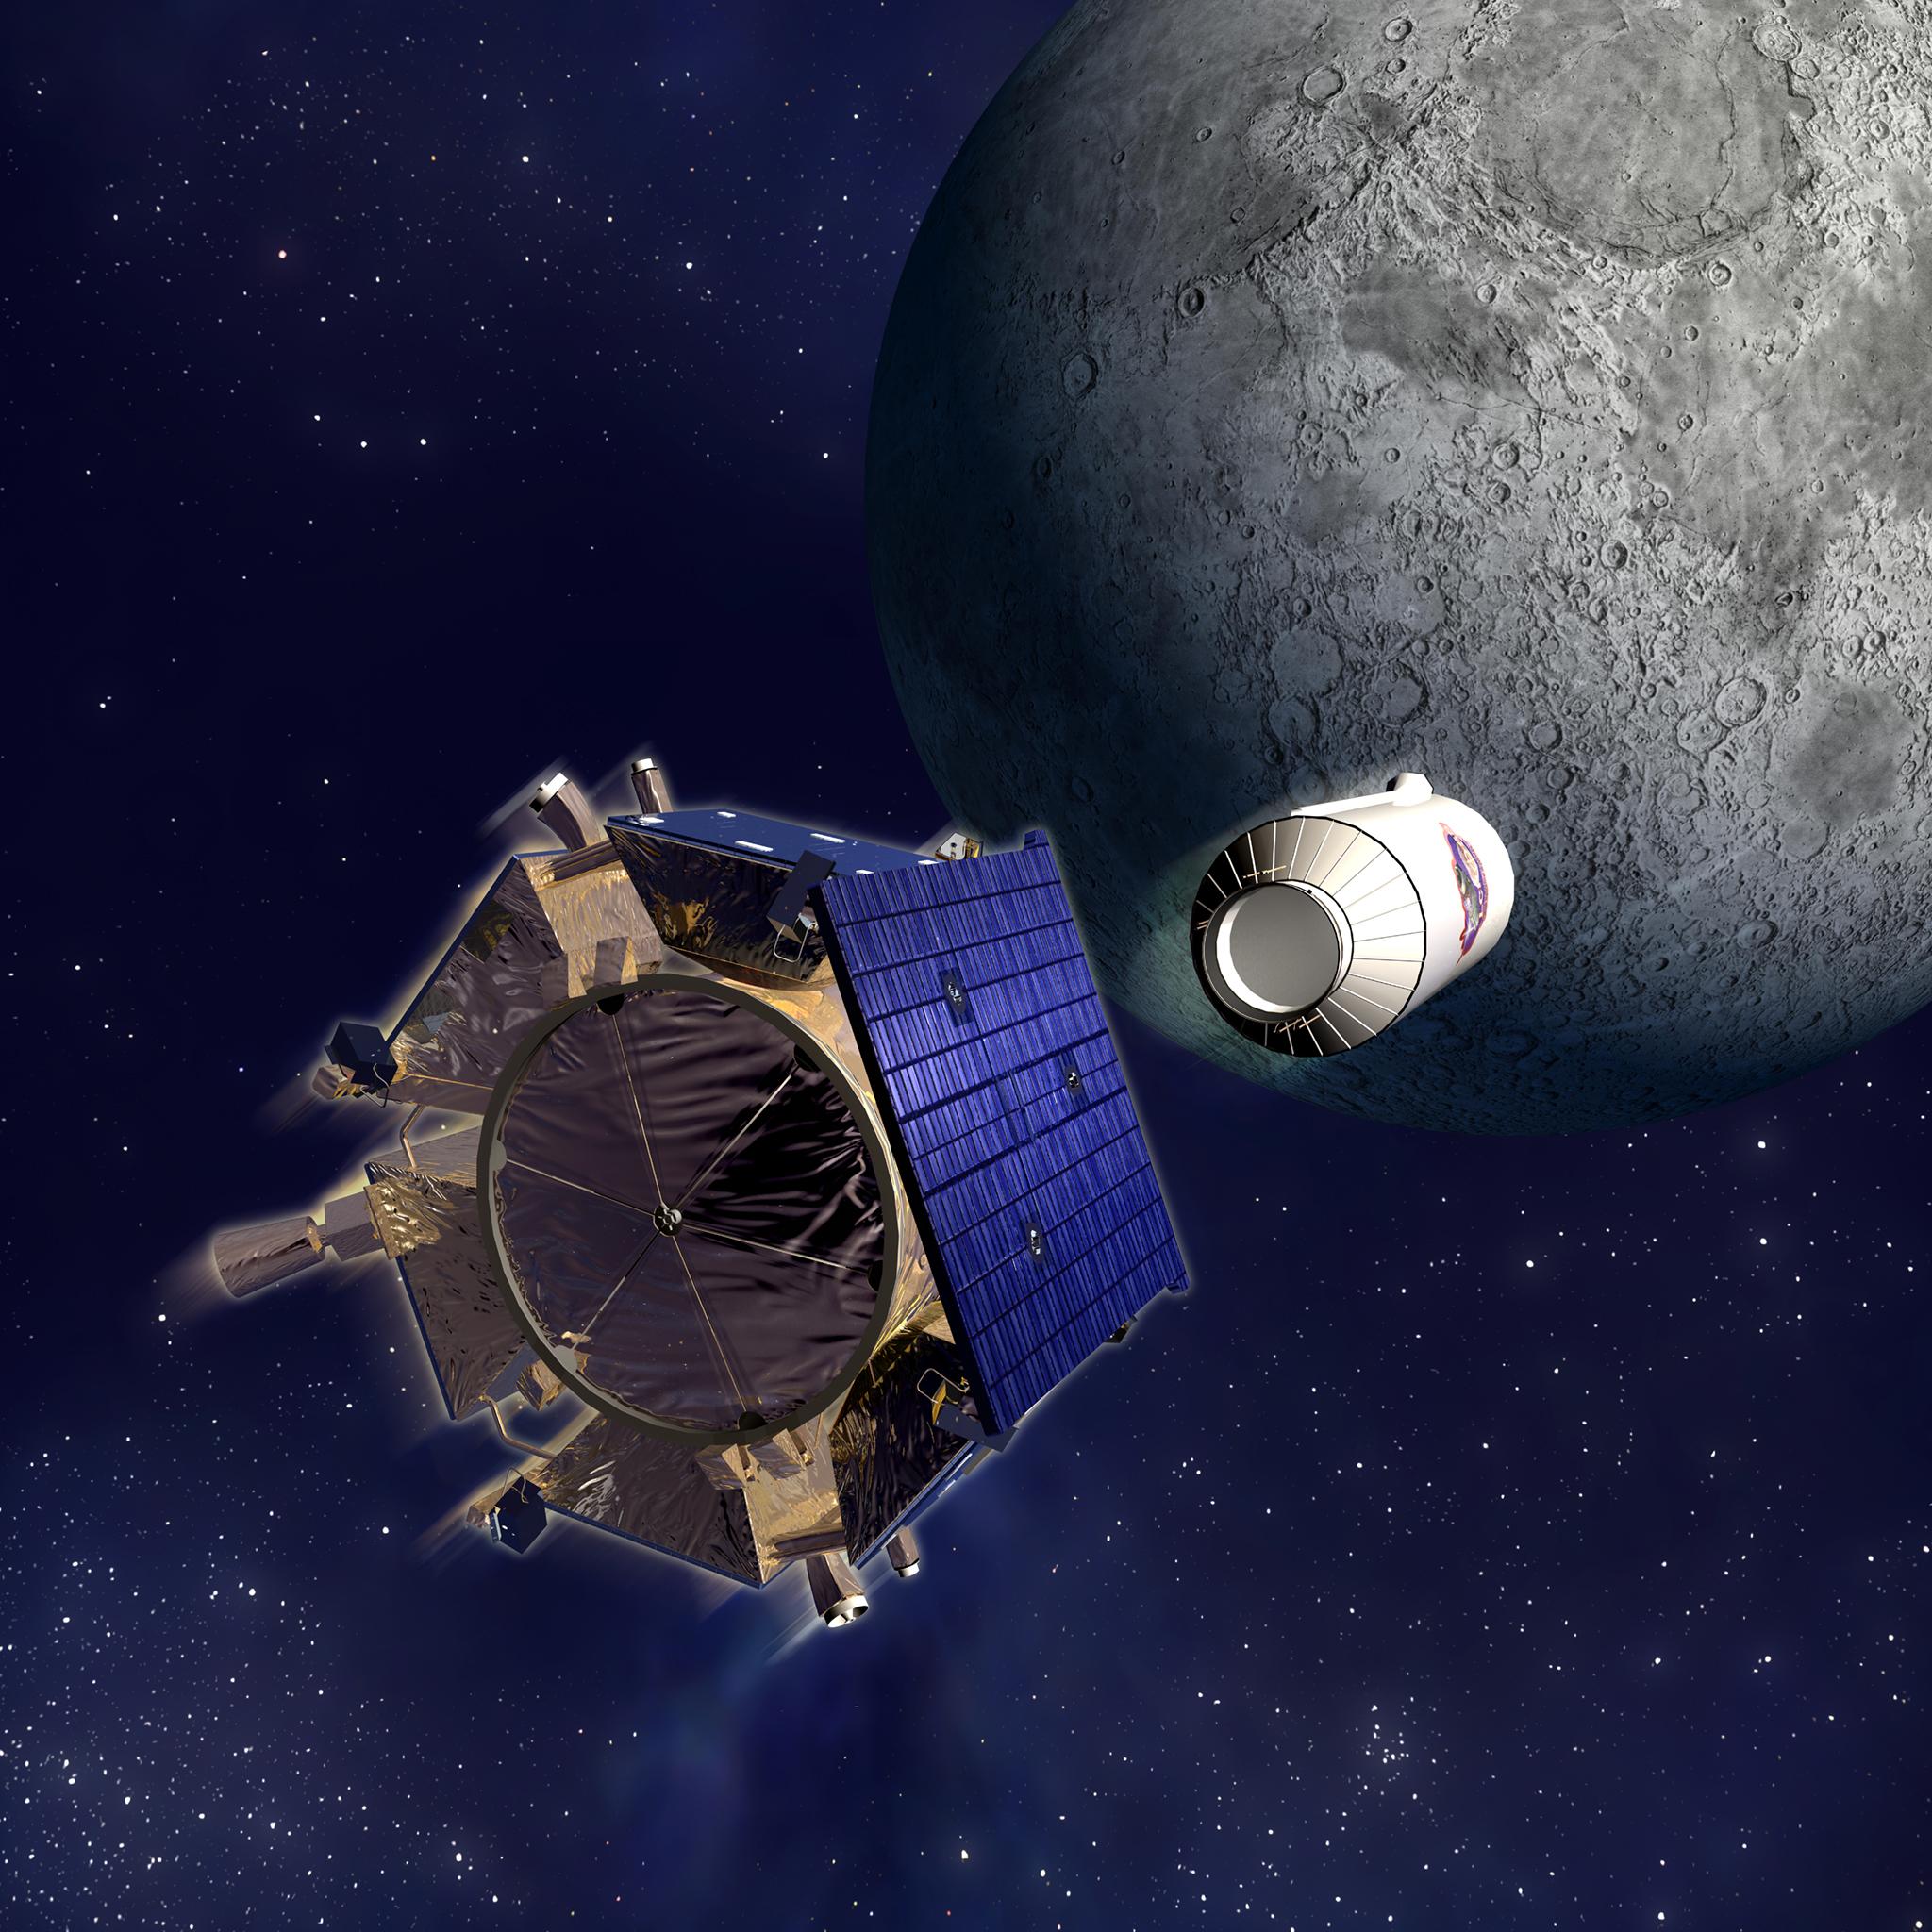 lunar bound spacecraft - photo #45